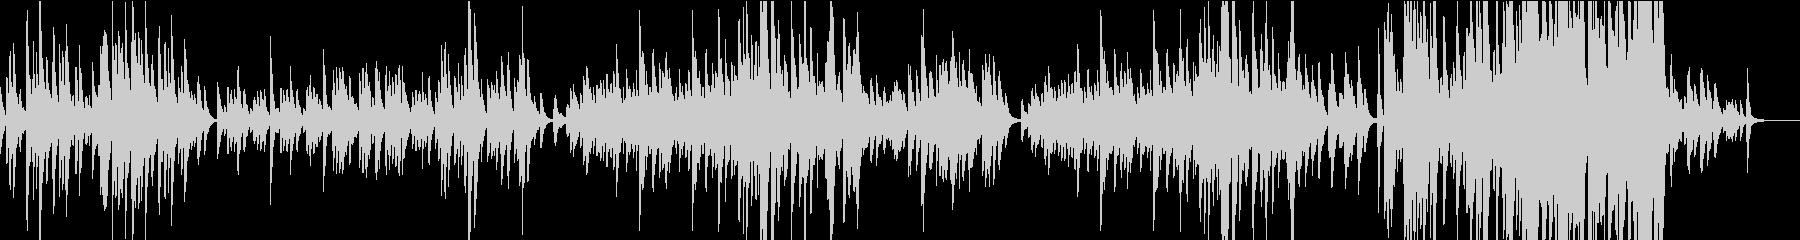 思い出を奏でるピアノの旋律の未再生の波形